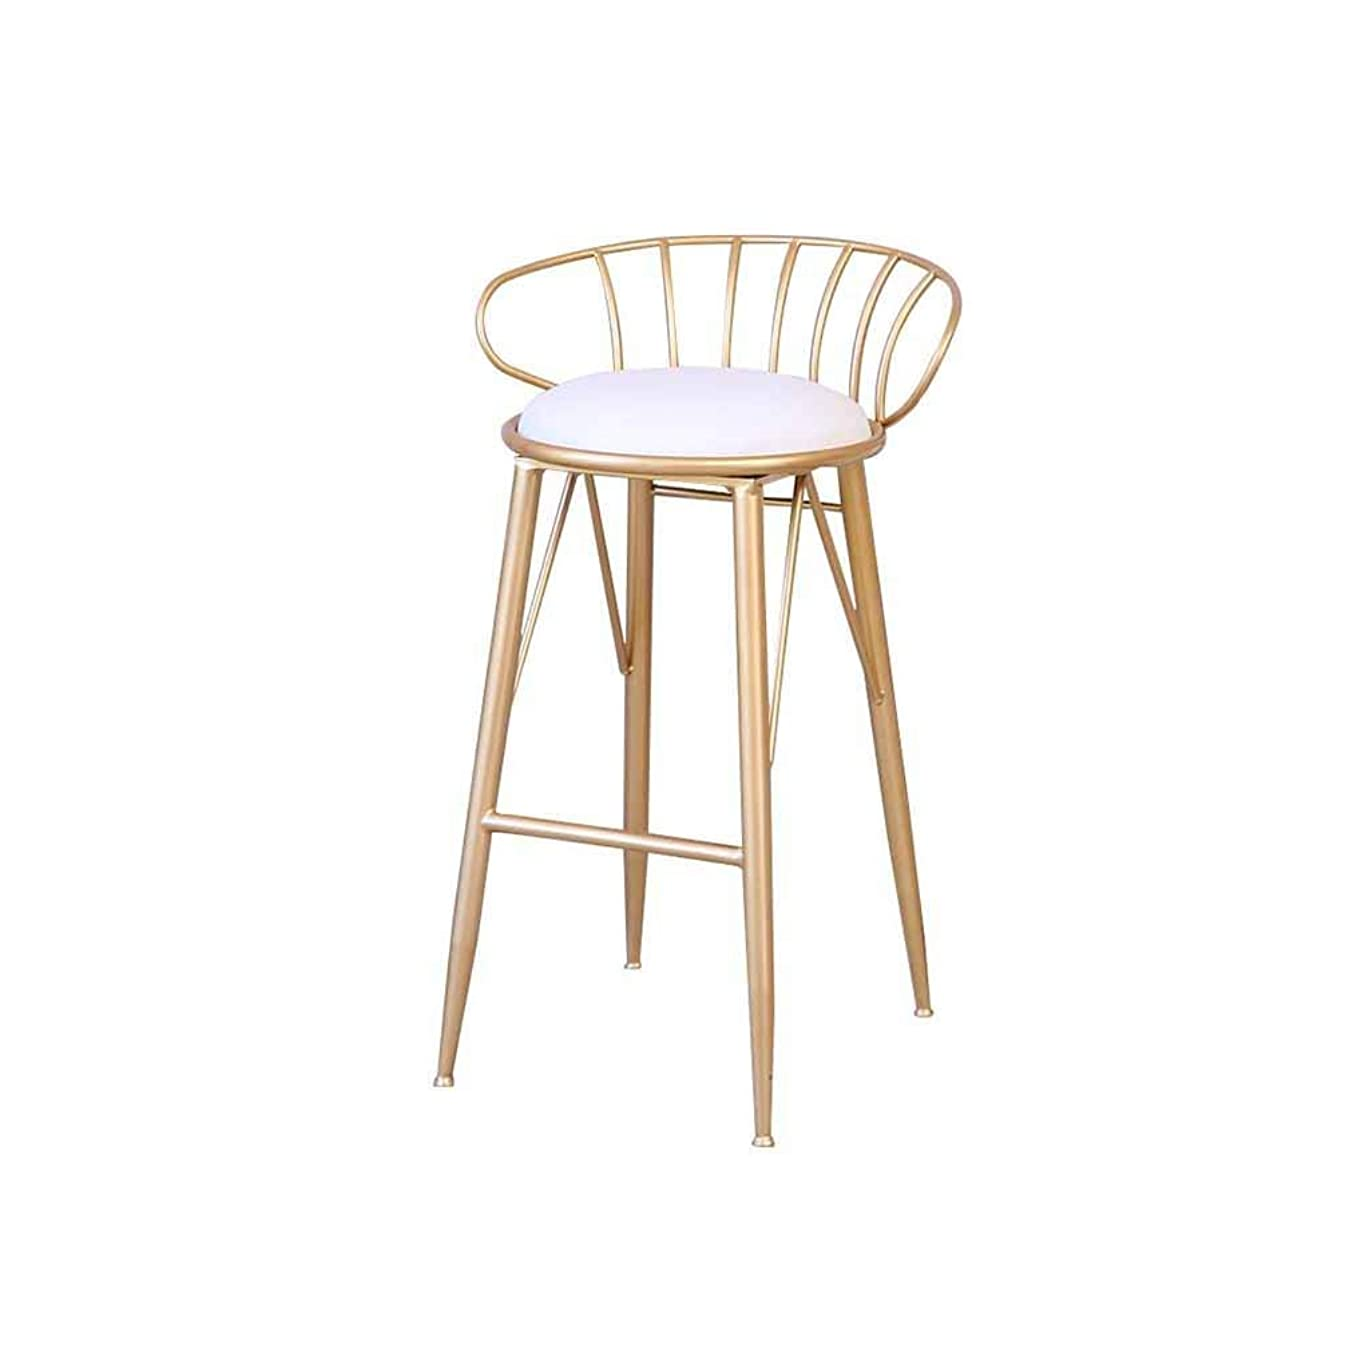 煩わしい蒸ポスターバースツールキッチン朝食背の高い椅子メタルカウンタースツールフロントデスクスツールホーム背もたれフットレストアイロンパブモダン北ヨーロッパ負荷120Kg(色:金色)(座高65cm、75cm)